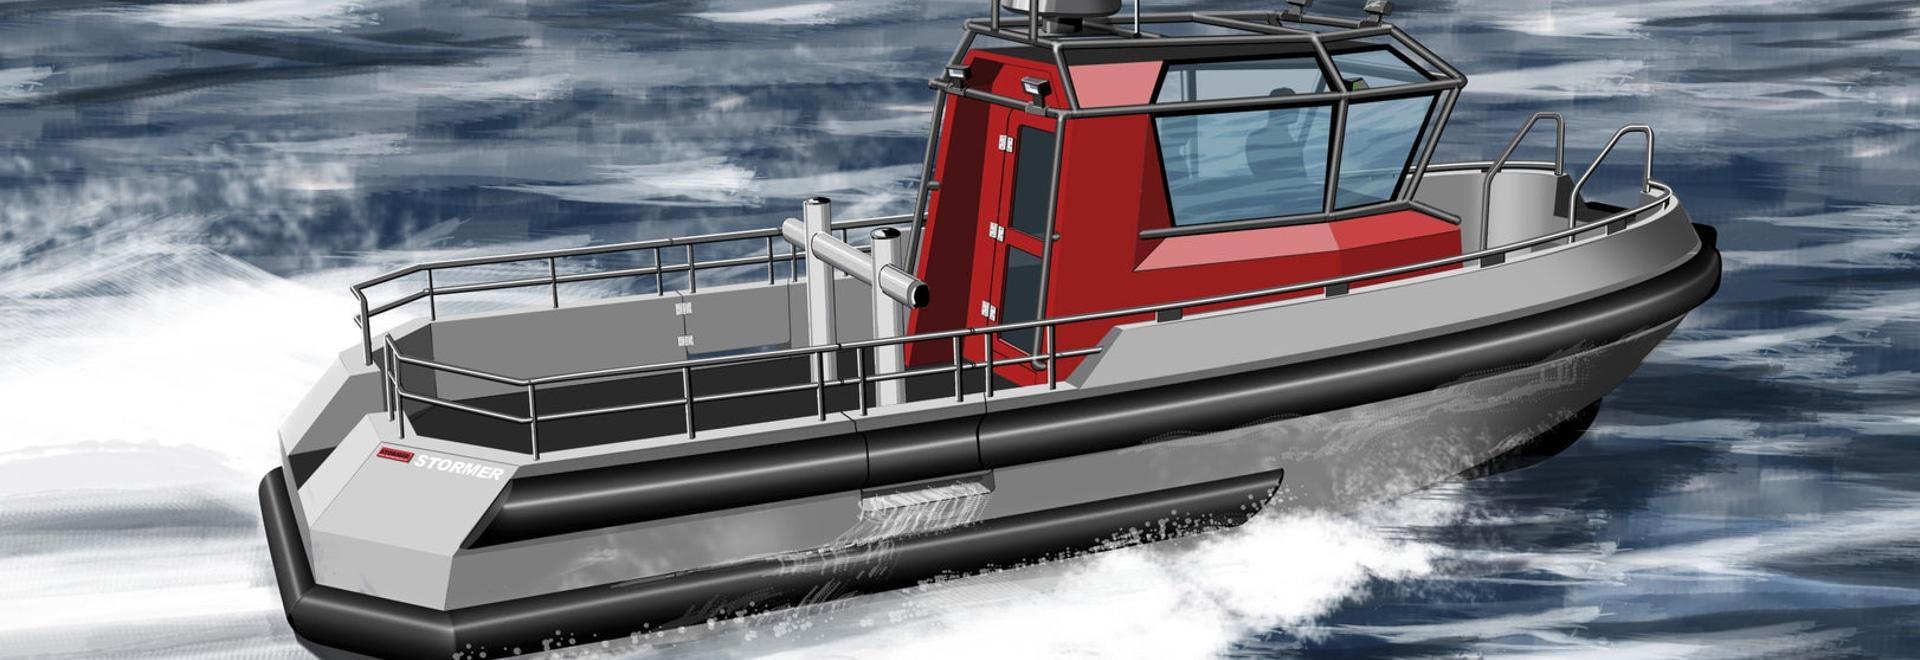 NUOVO: barca di alluminio di servizio da Stormer Marine B.V.